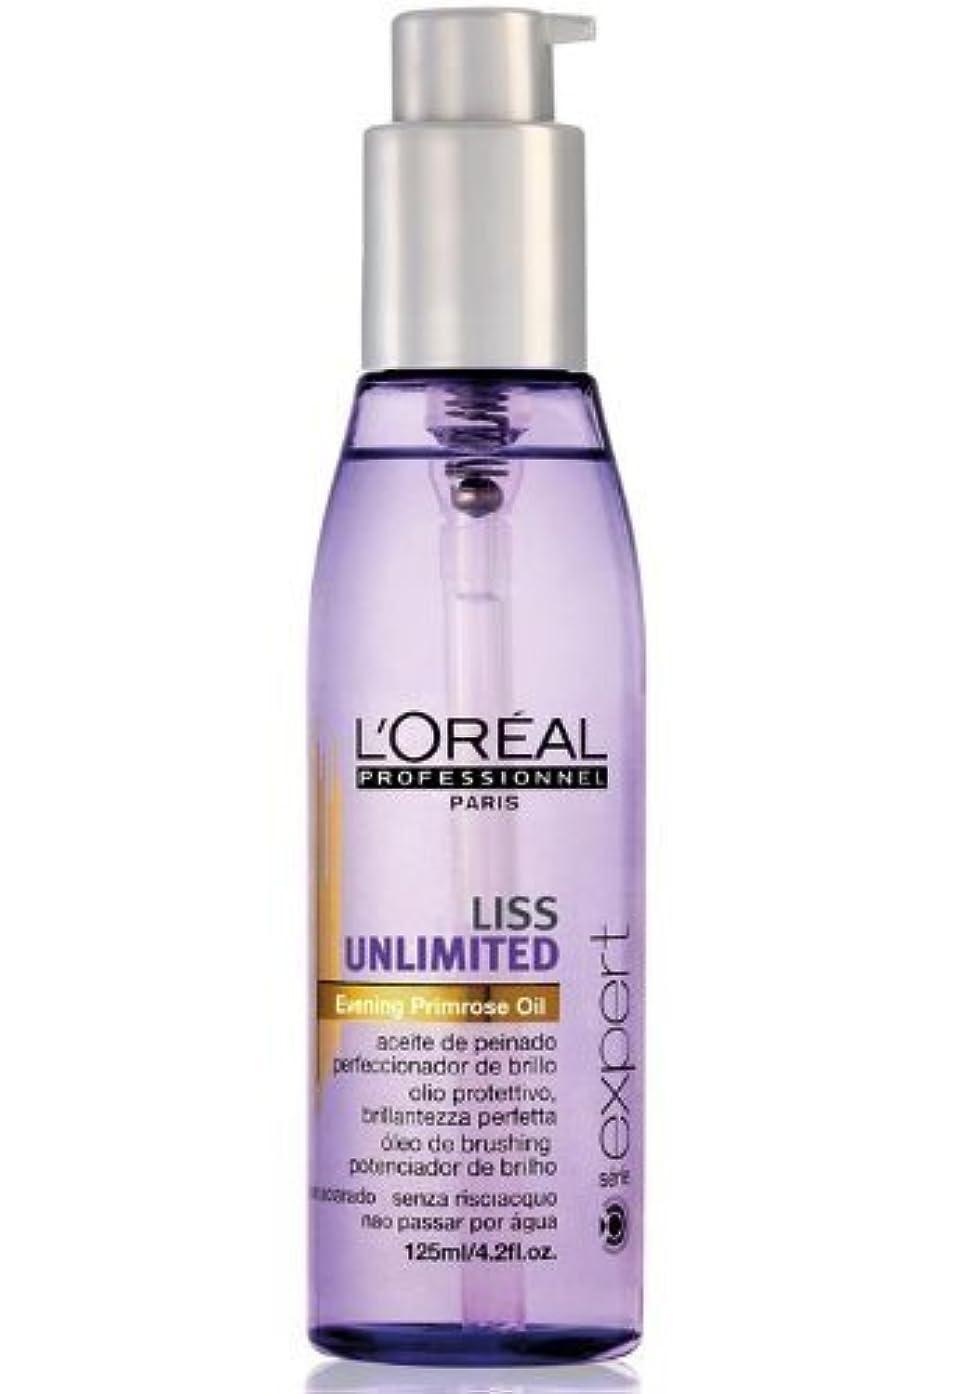 傷跡刺激する意外New 2013!!! L'oreal Liss Unlimited Oil for Smoothening and shining of hair, softens even the most frizzy hair by L'Oreal Paris